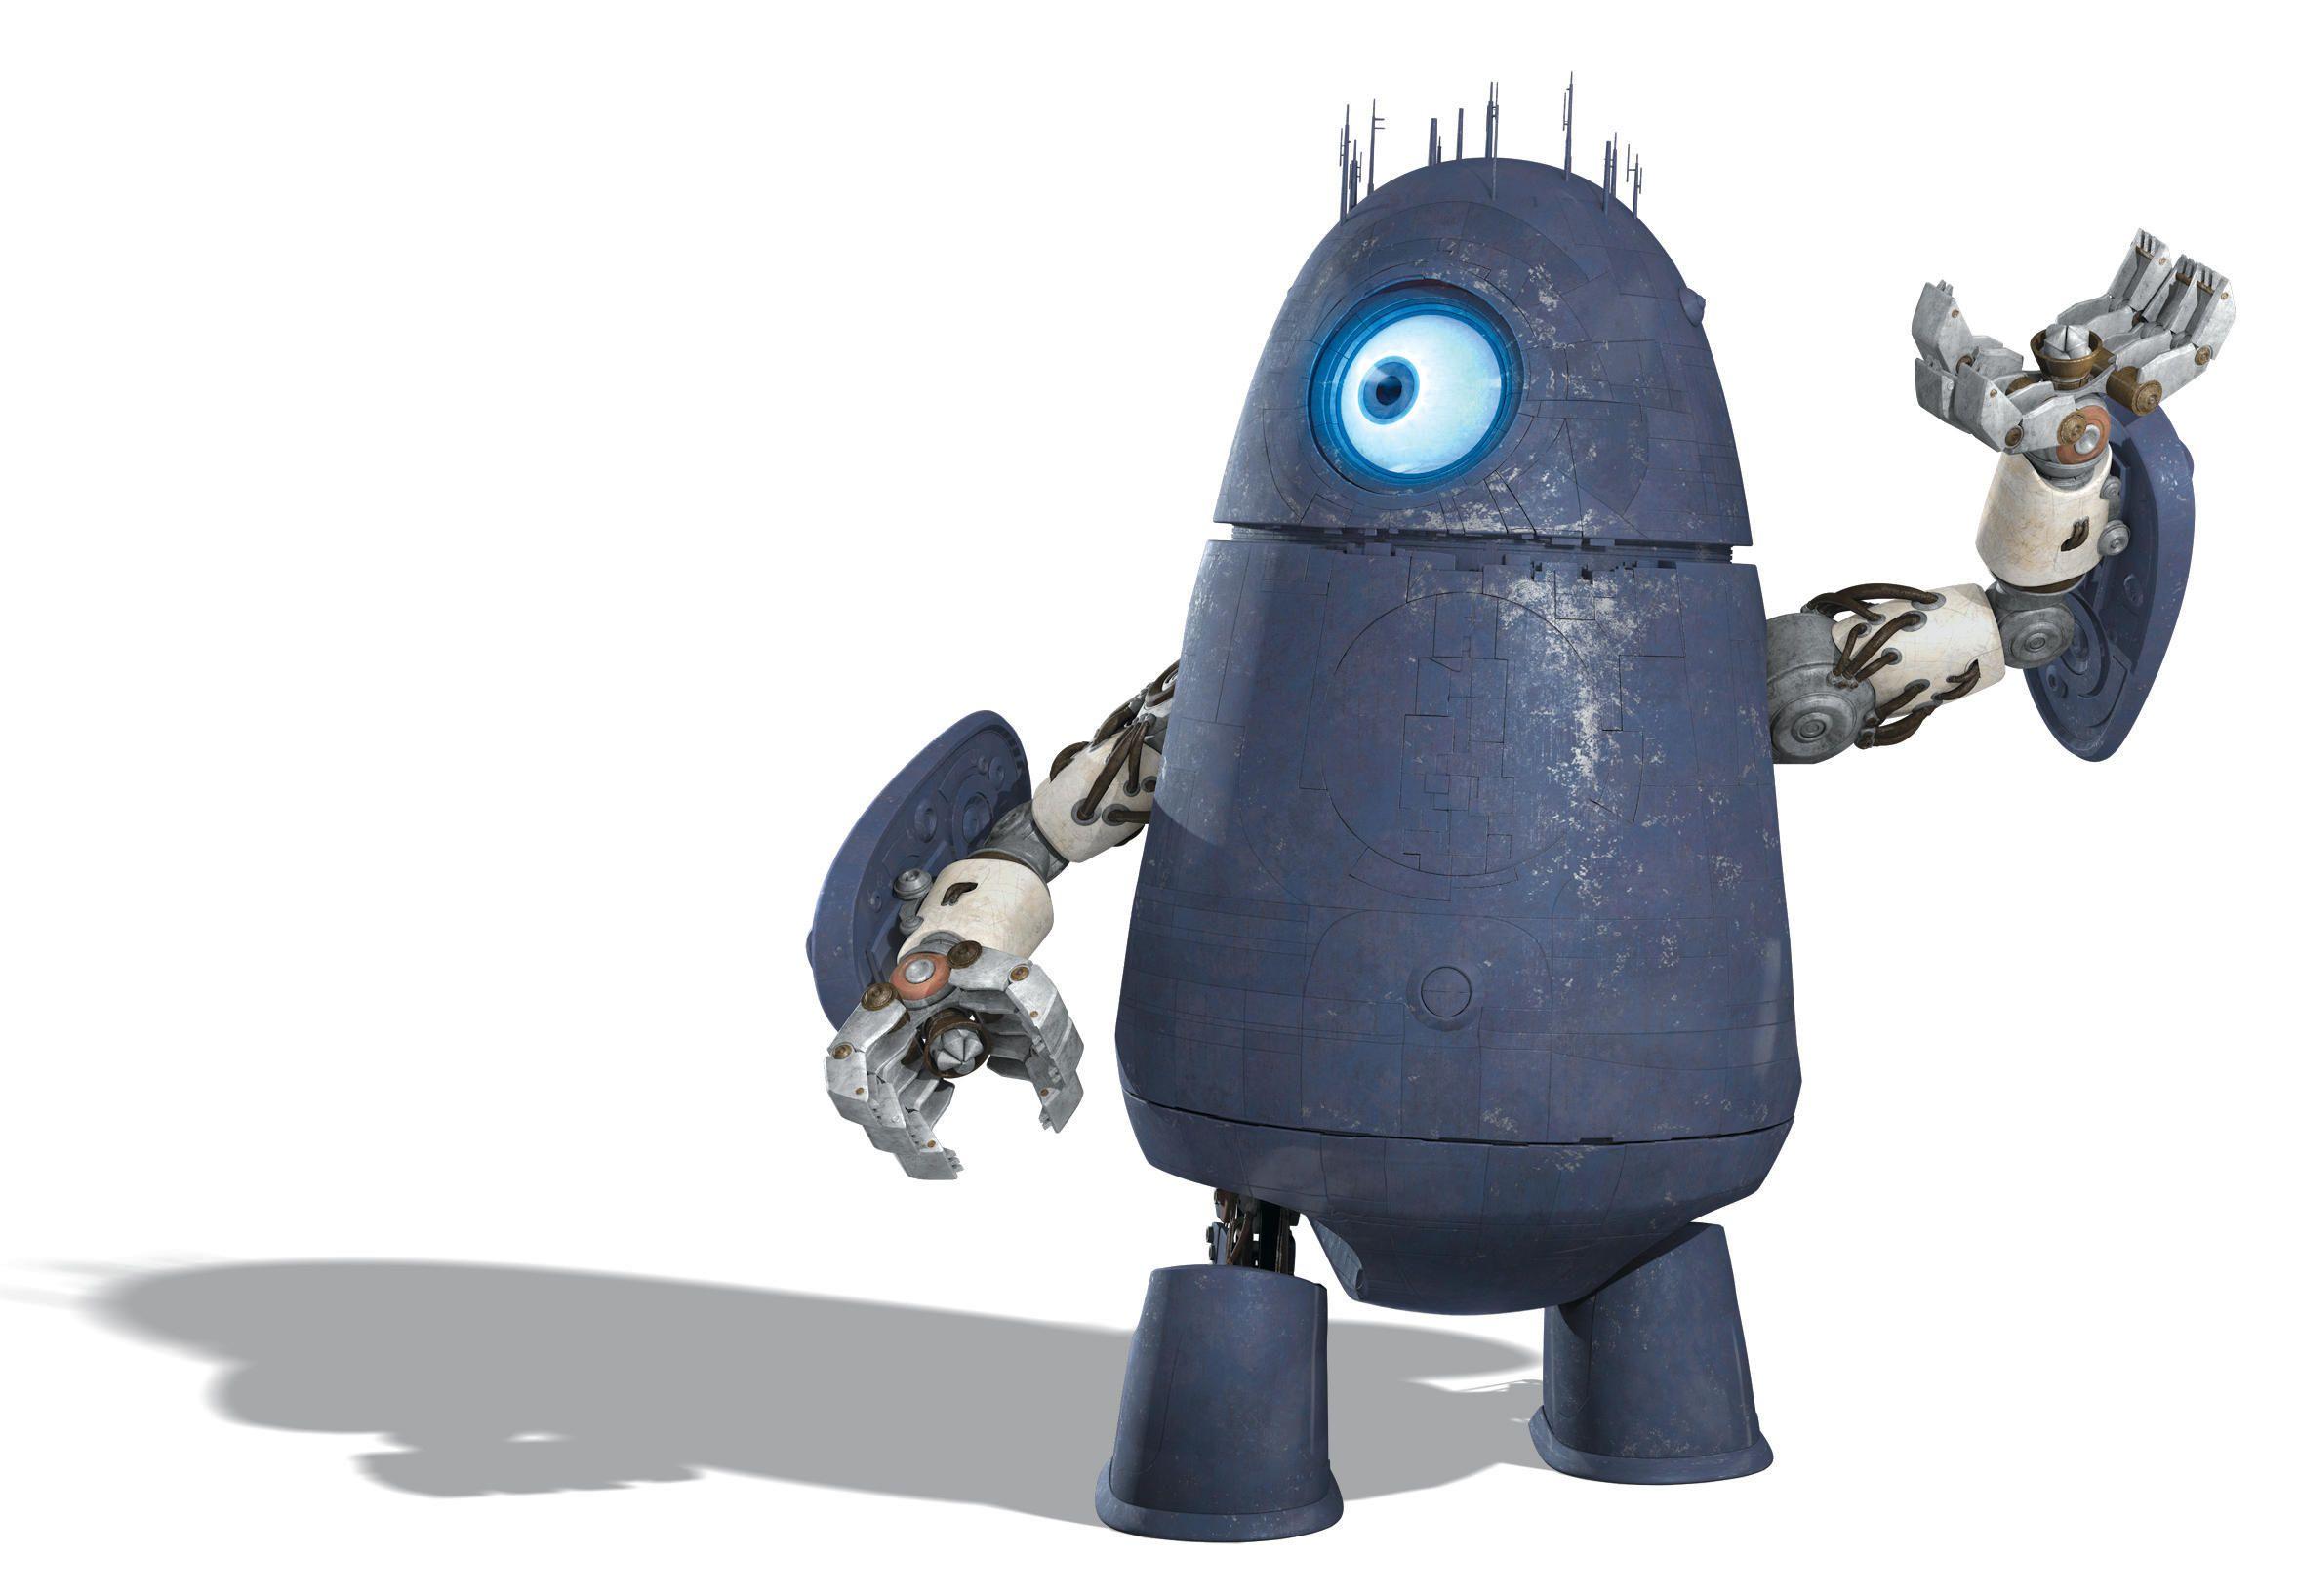 Monsters Vs Aliens Character Promo In 2019 Monsters Vs